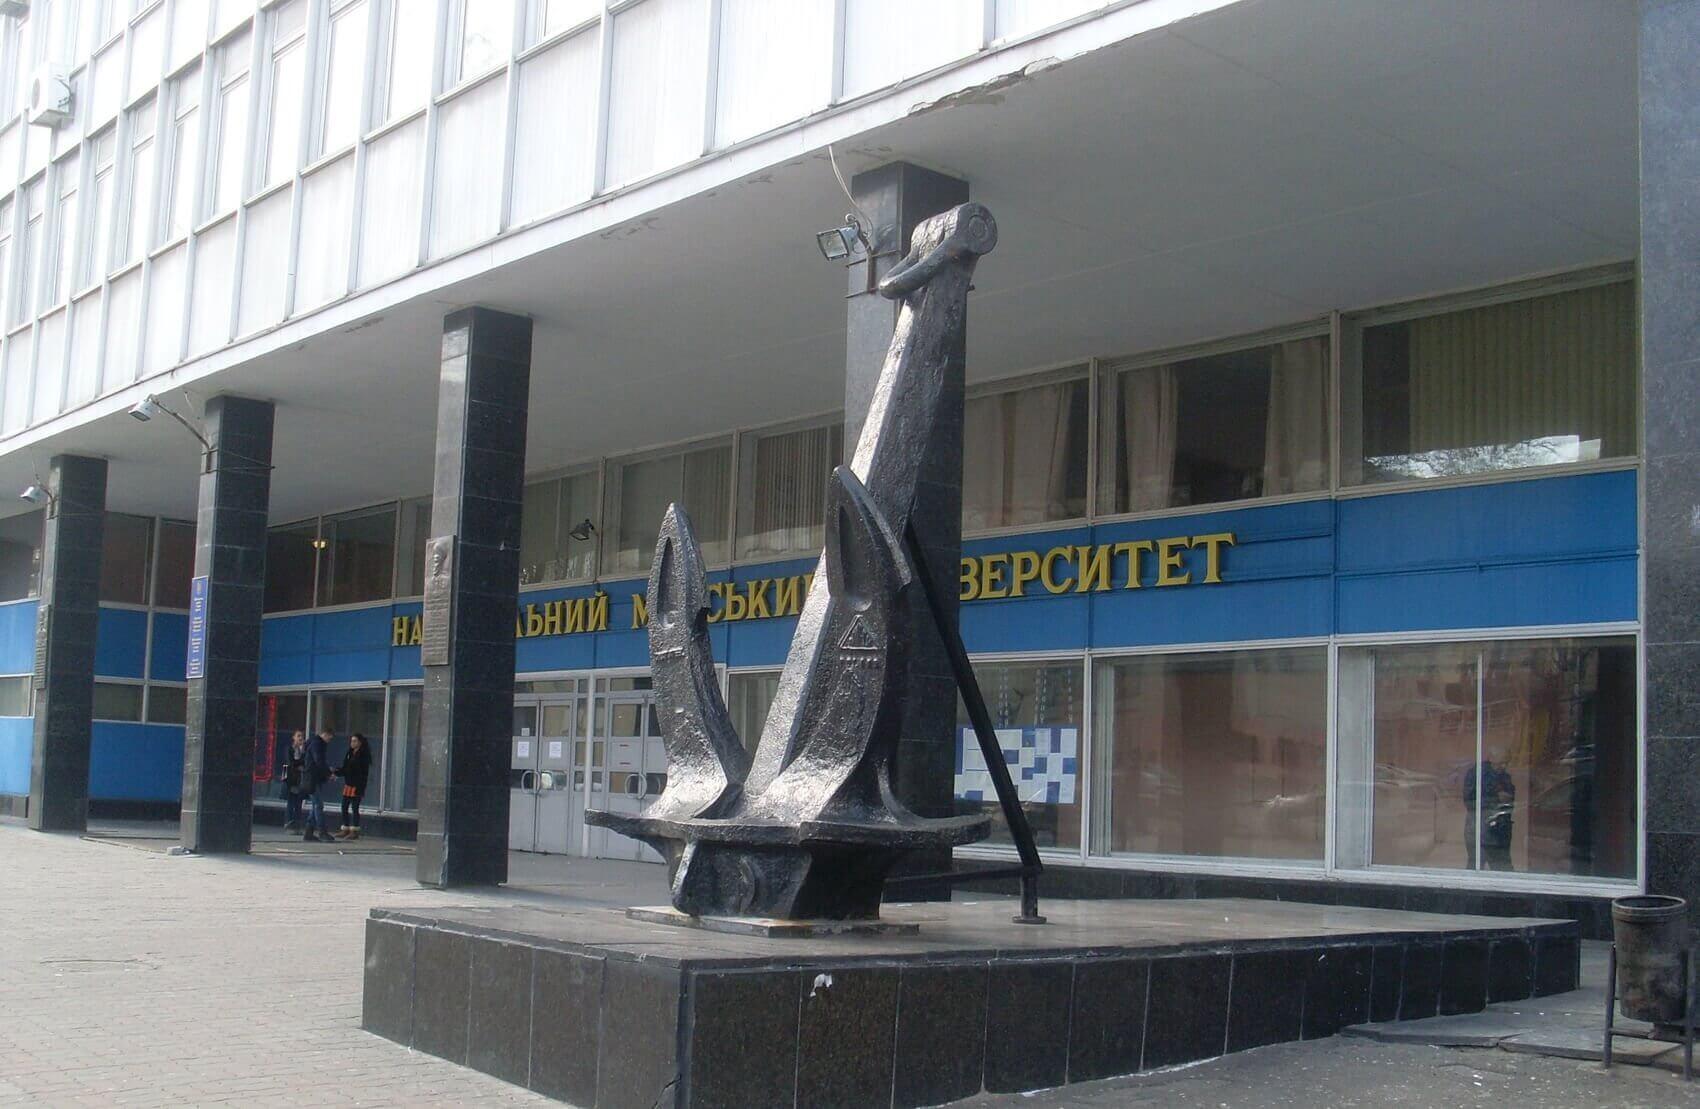 Odessa Ulusal Denizcilik Üniversitesi/Odessa National Maritime University